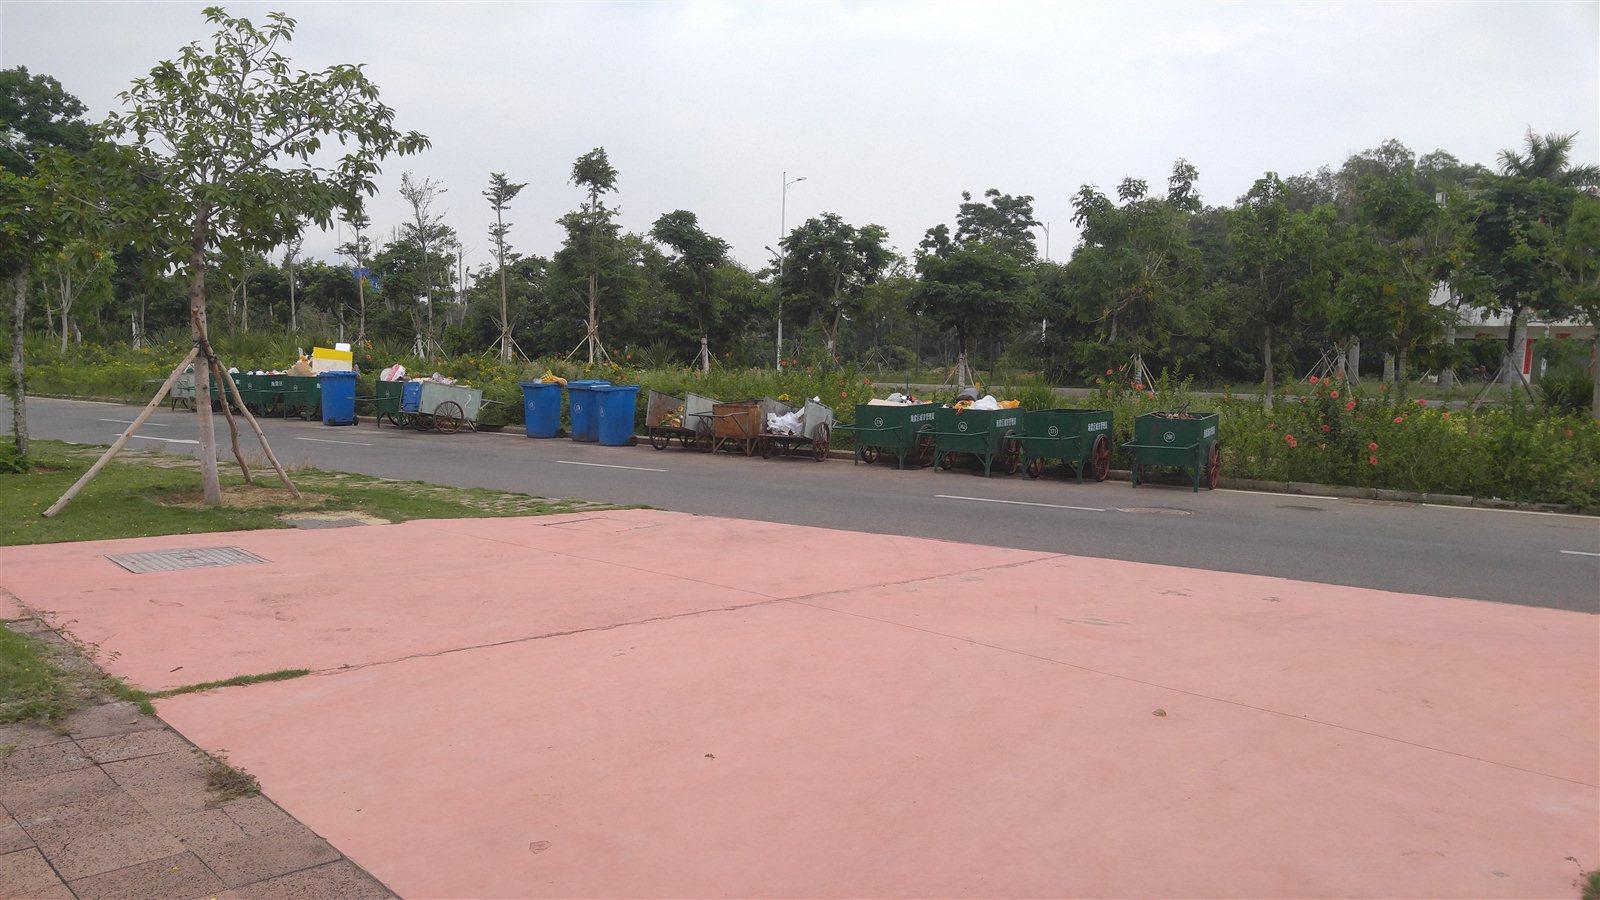 海棠湾垃圾大路边放